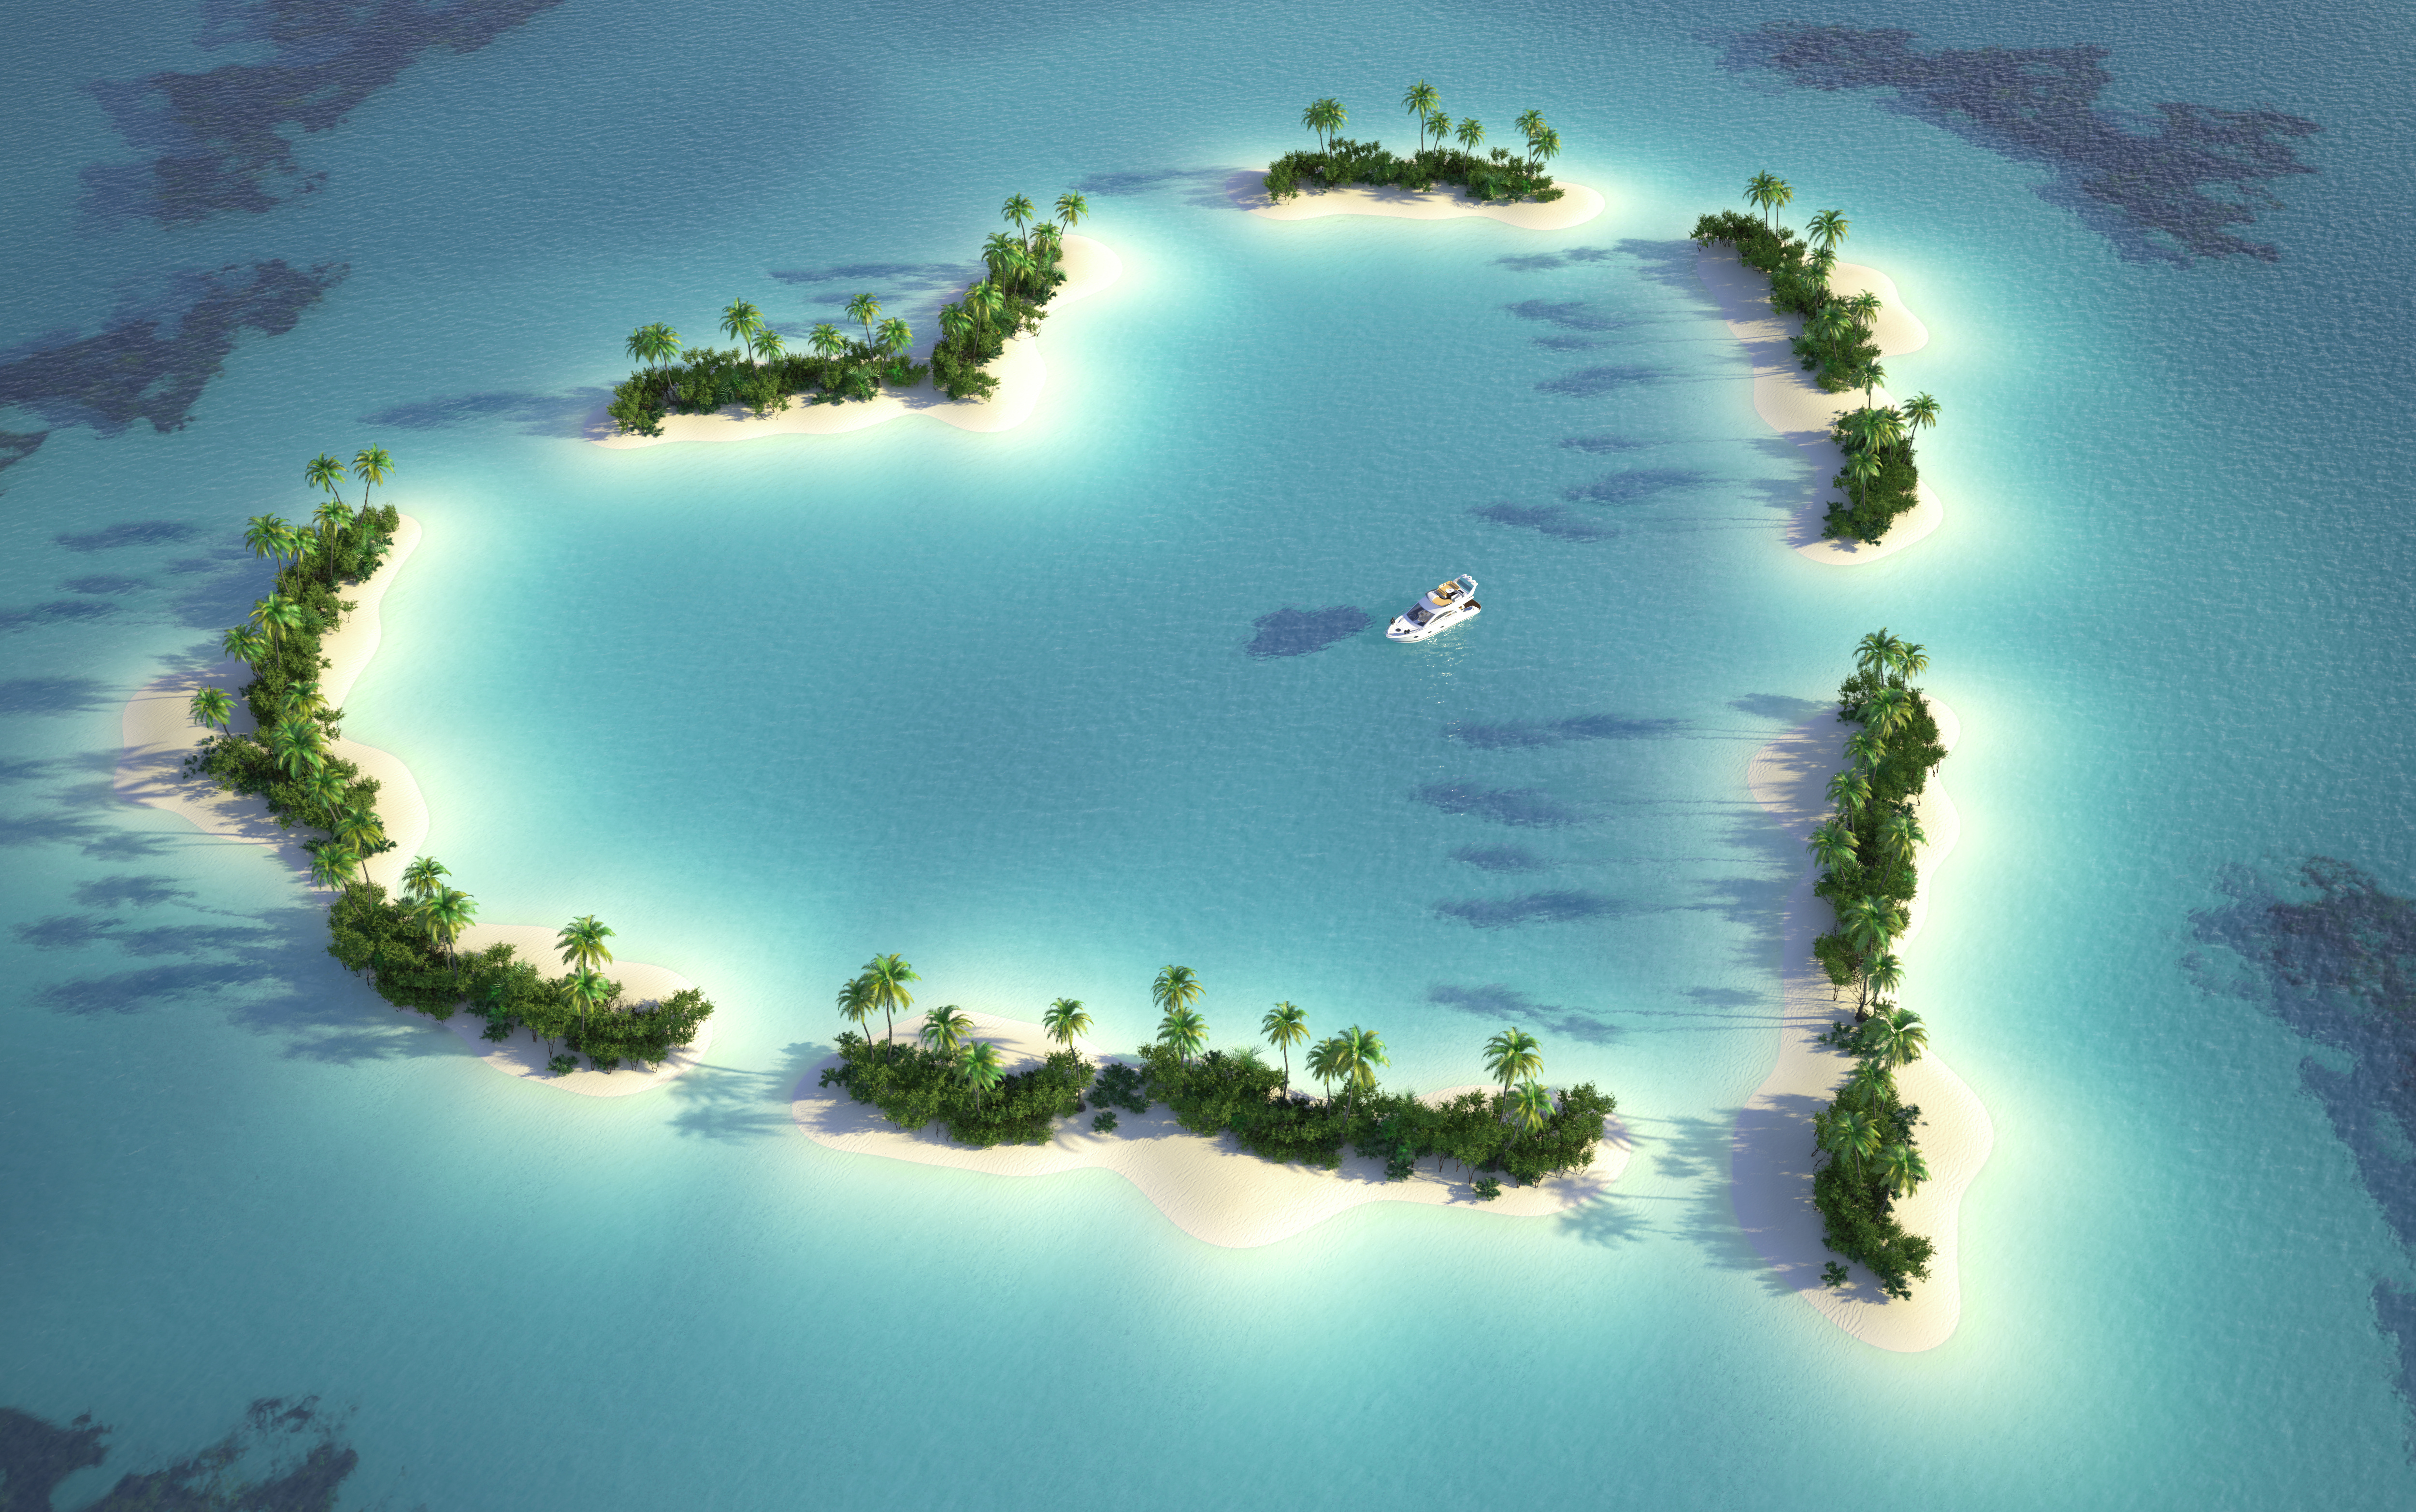 ハート型に型どられた島